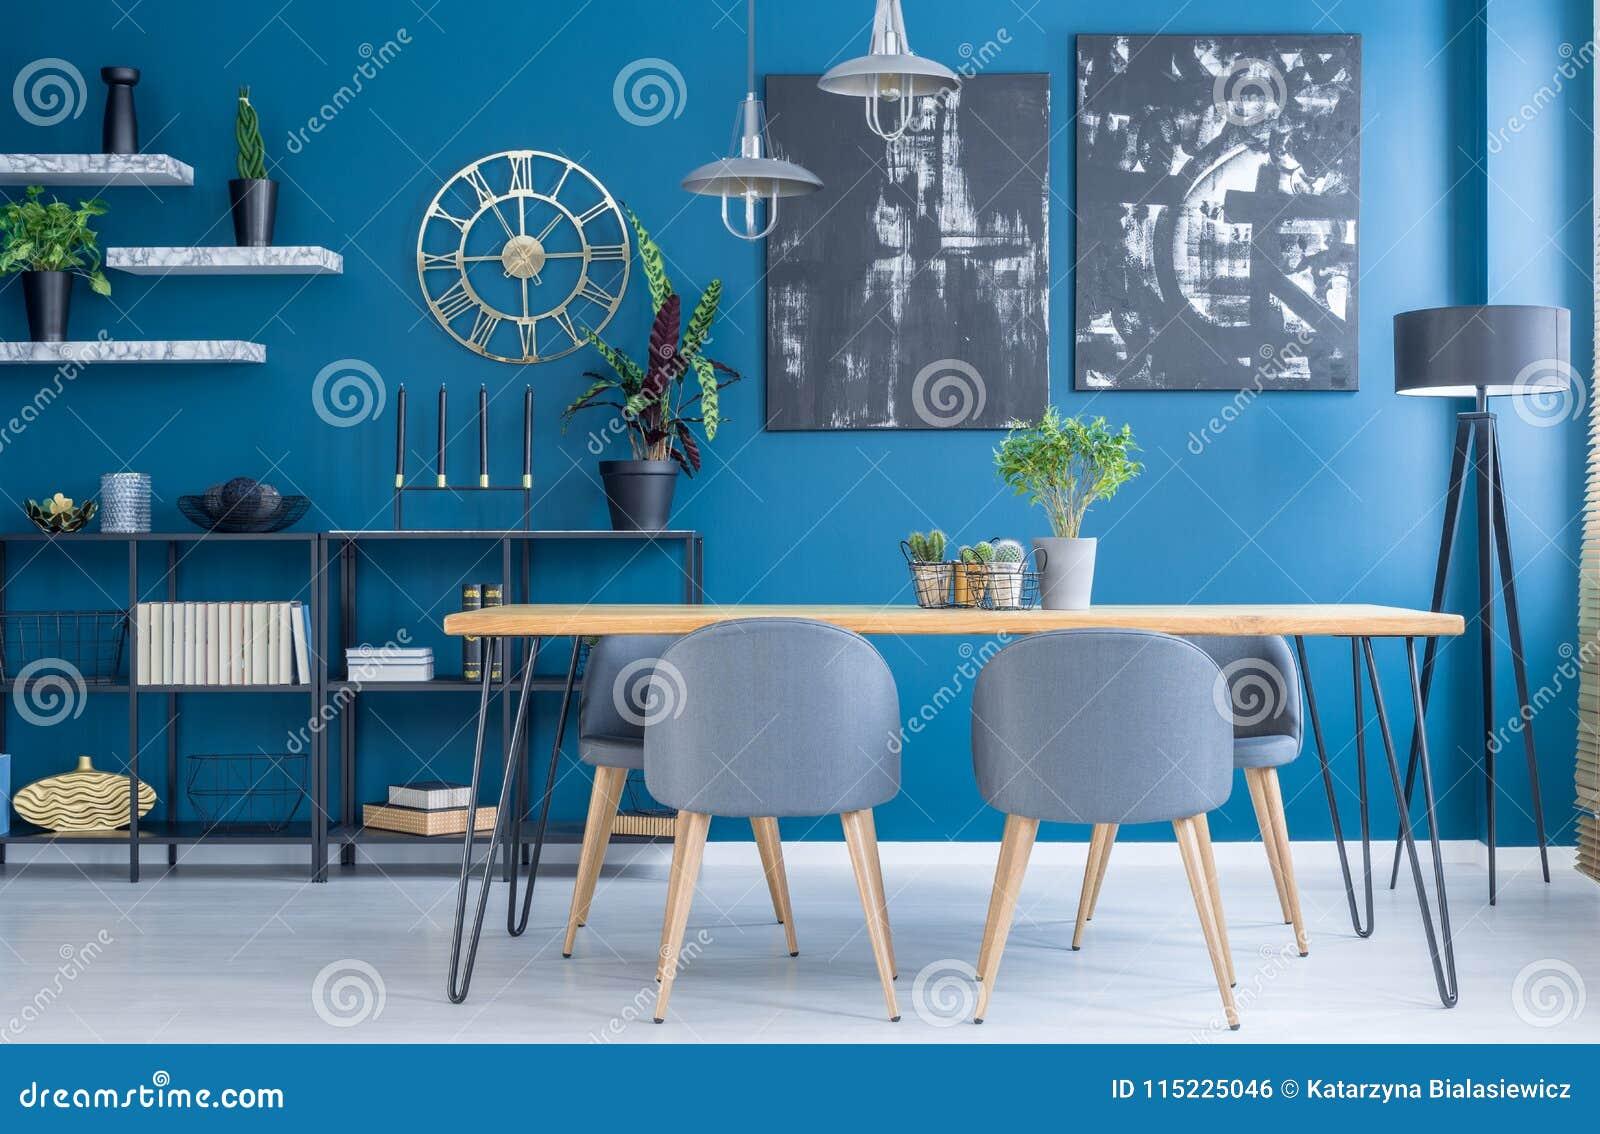 Голубой интерьер столовой